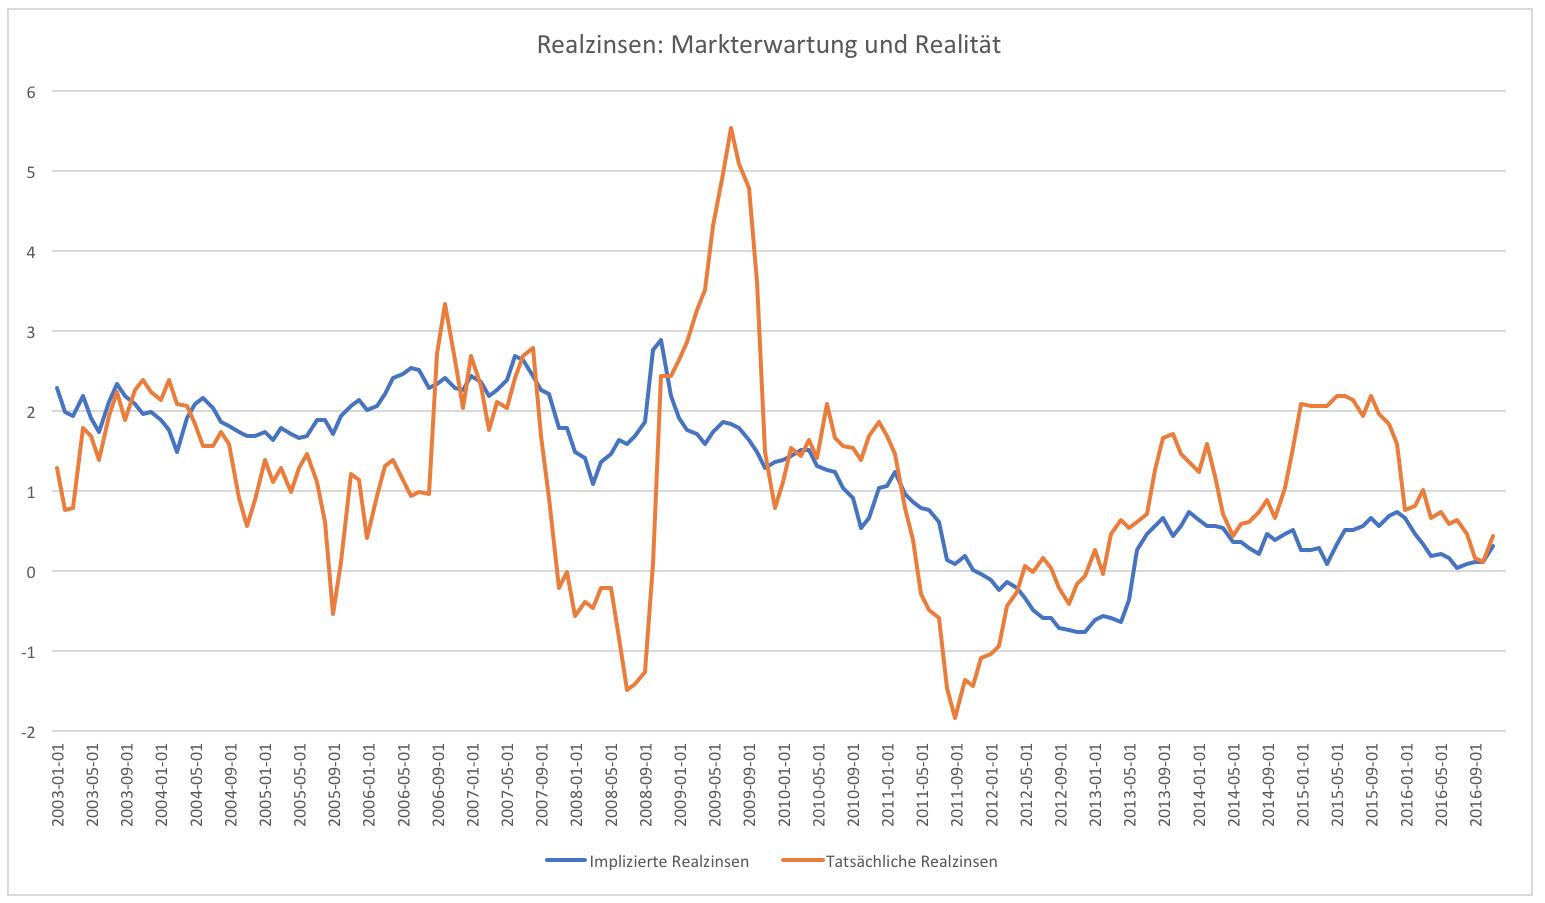 Kredit-Zinsen werden steigen. Fachleute der Kredit-Wirtschaft erwarten für steigende Kredit-Zinsen. Die Weltweite Wirtschaftskrise hat die Kredit-Wirtschaft noch immer im Griff, obwohl man sicherlich sagen kann, dass sich die deutsche Wirtschaft positiv entwickelt hat. realzins durchstöbert das Netz zu den Themen Zinsen, Rendite und.